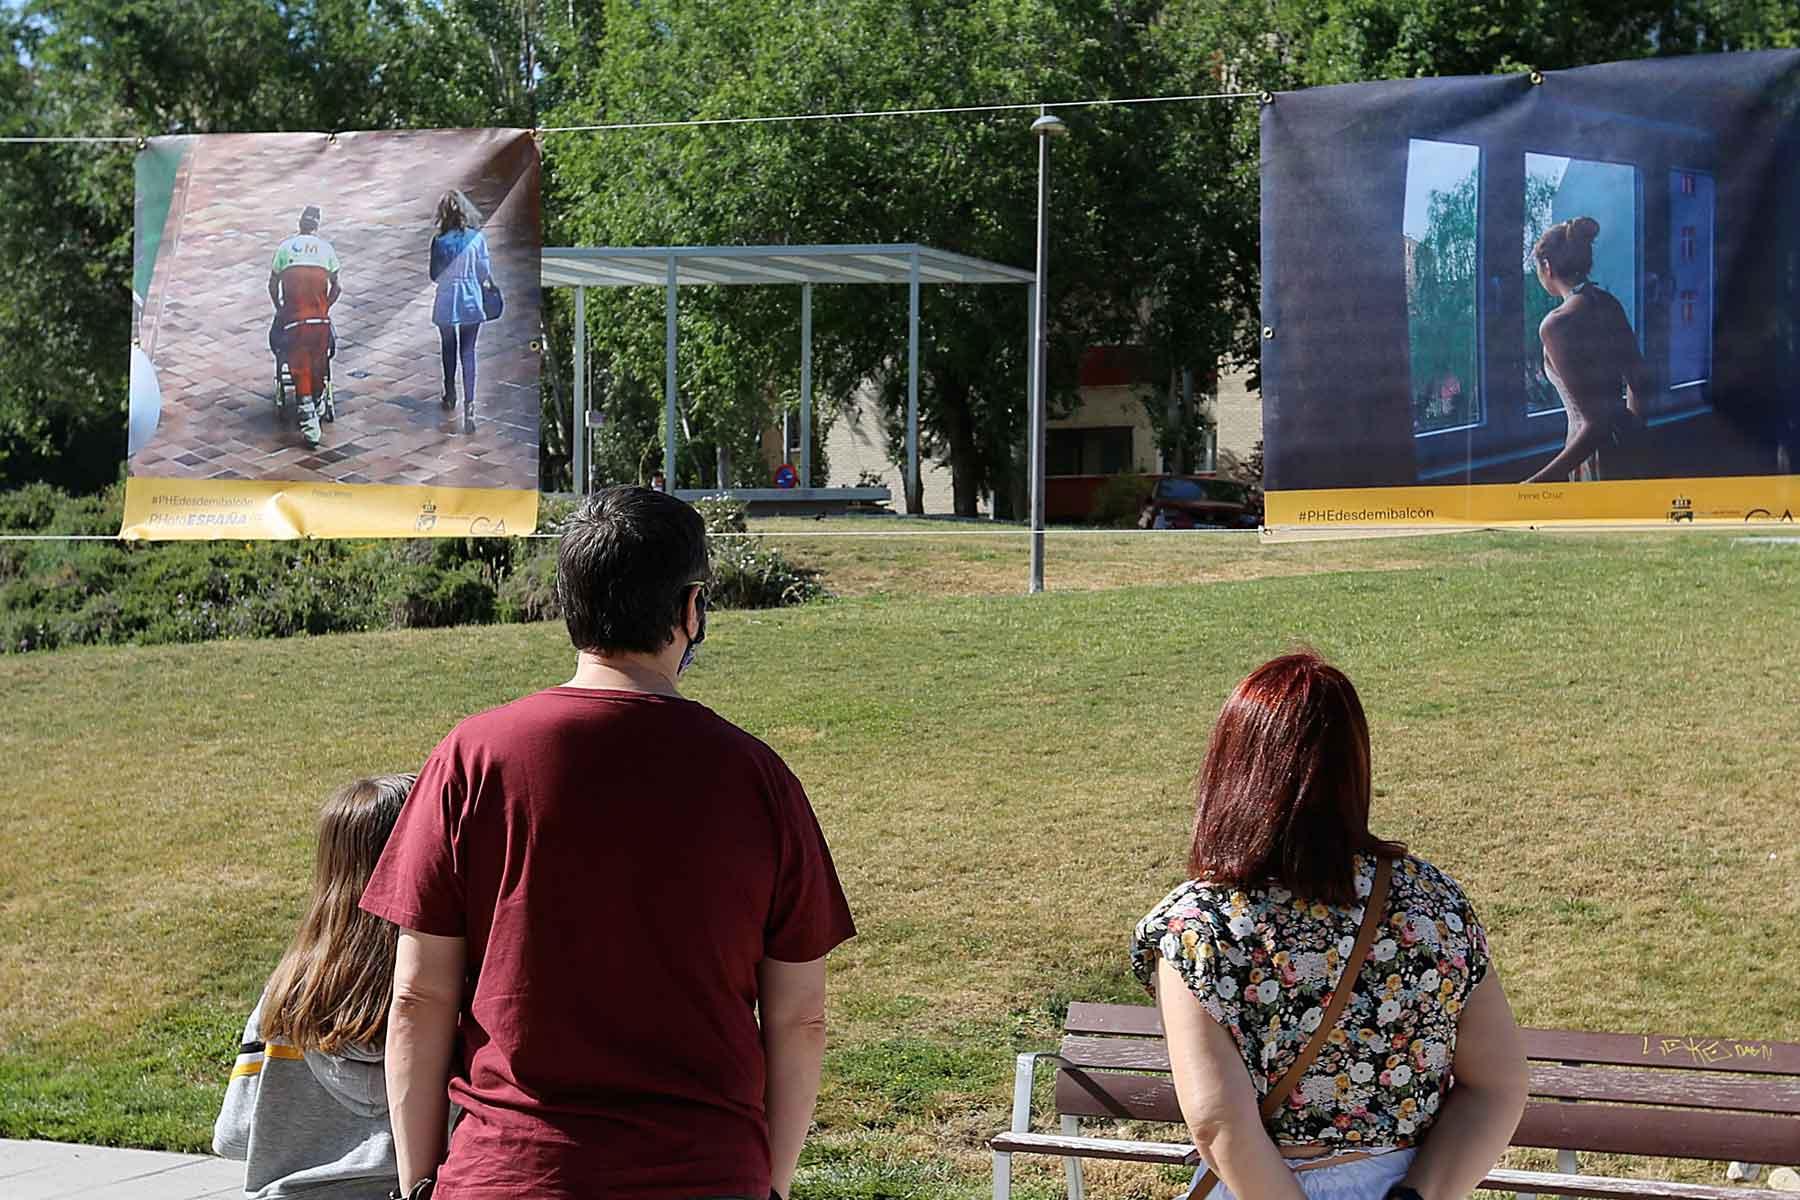 La muestra, que se puede visitar en diferentes puntos de la ciudad a través de lonas, consta de 50 instantáneas